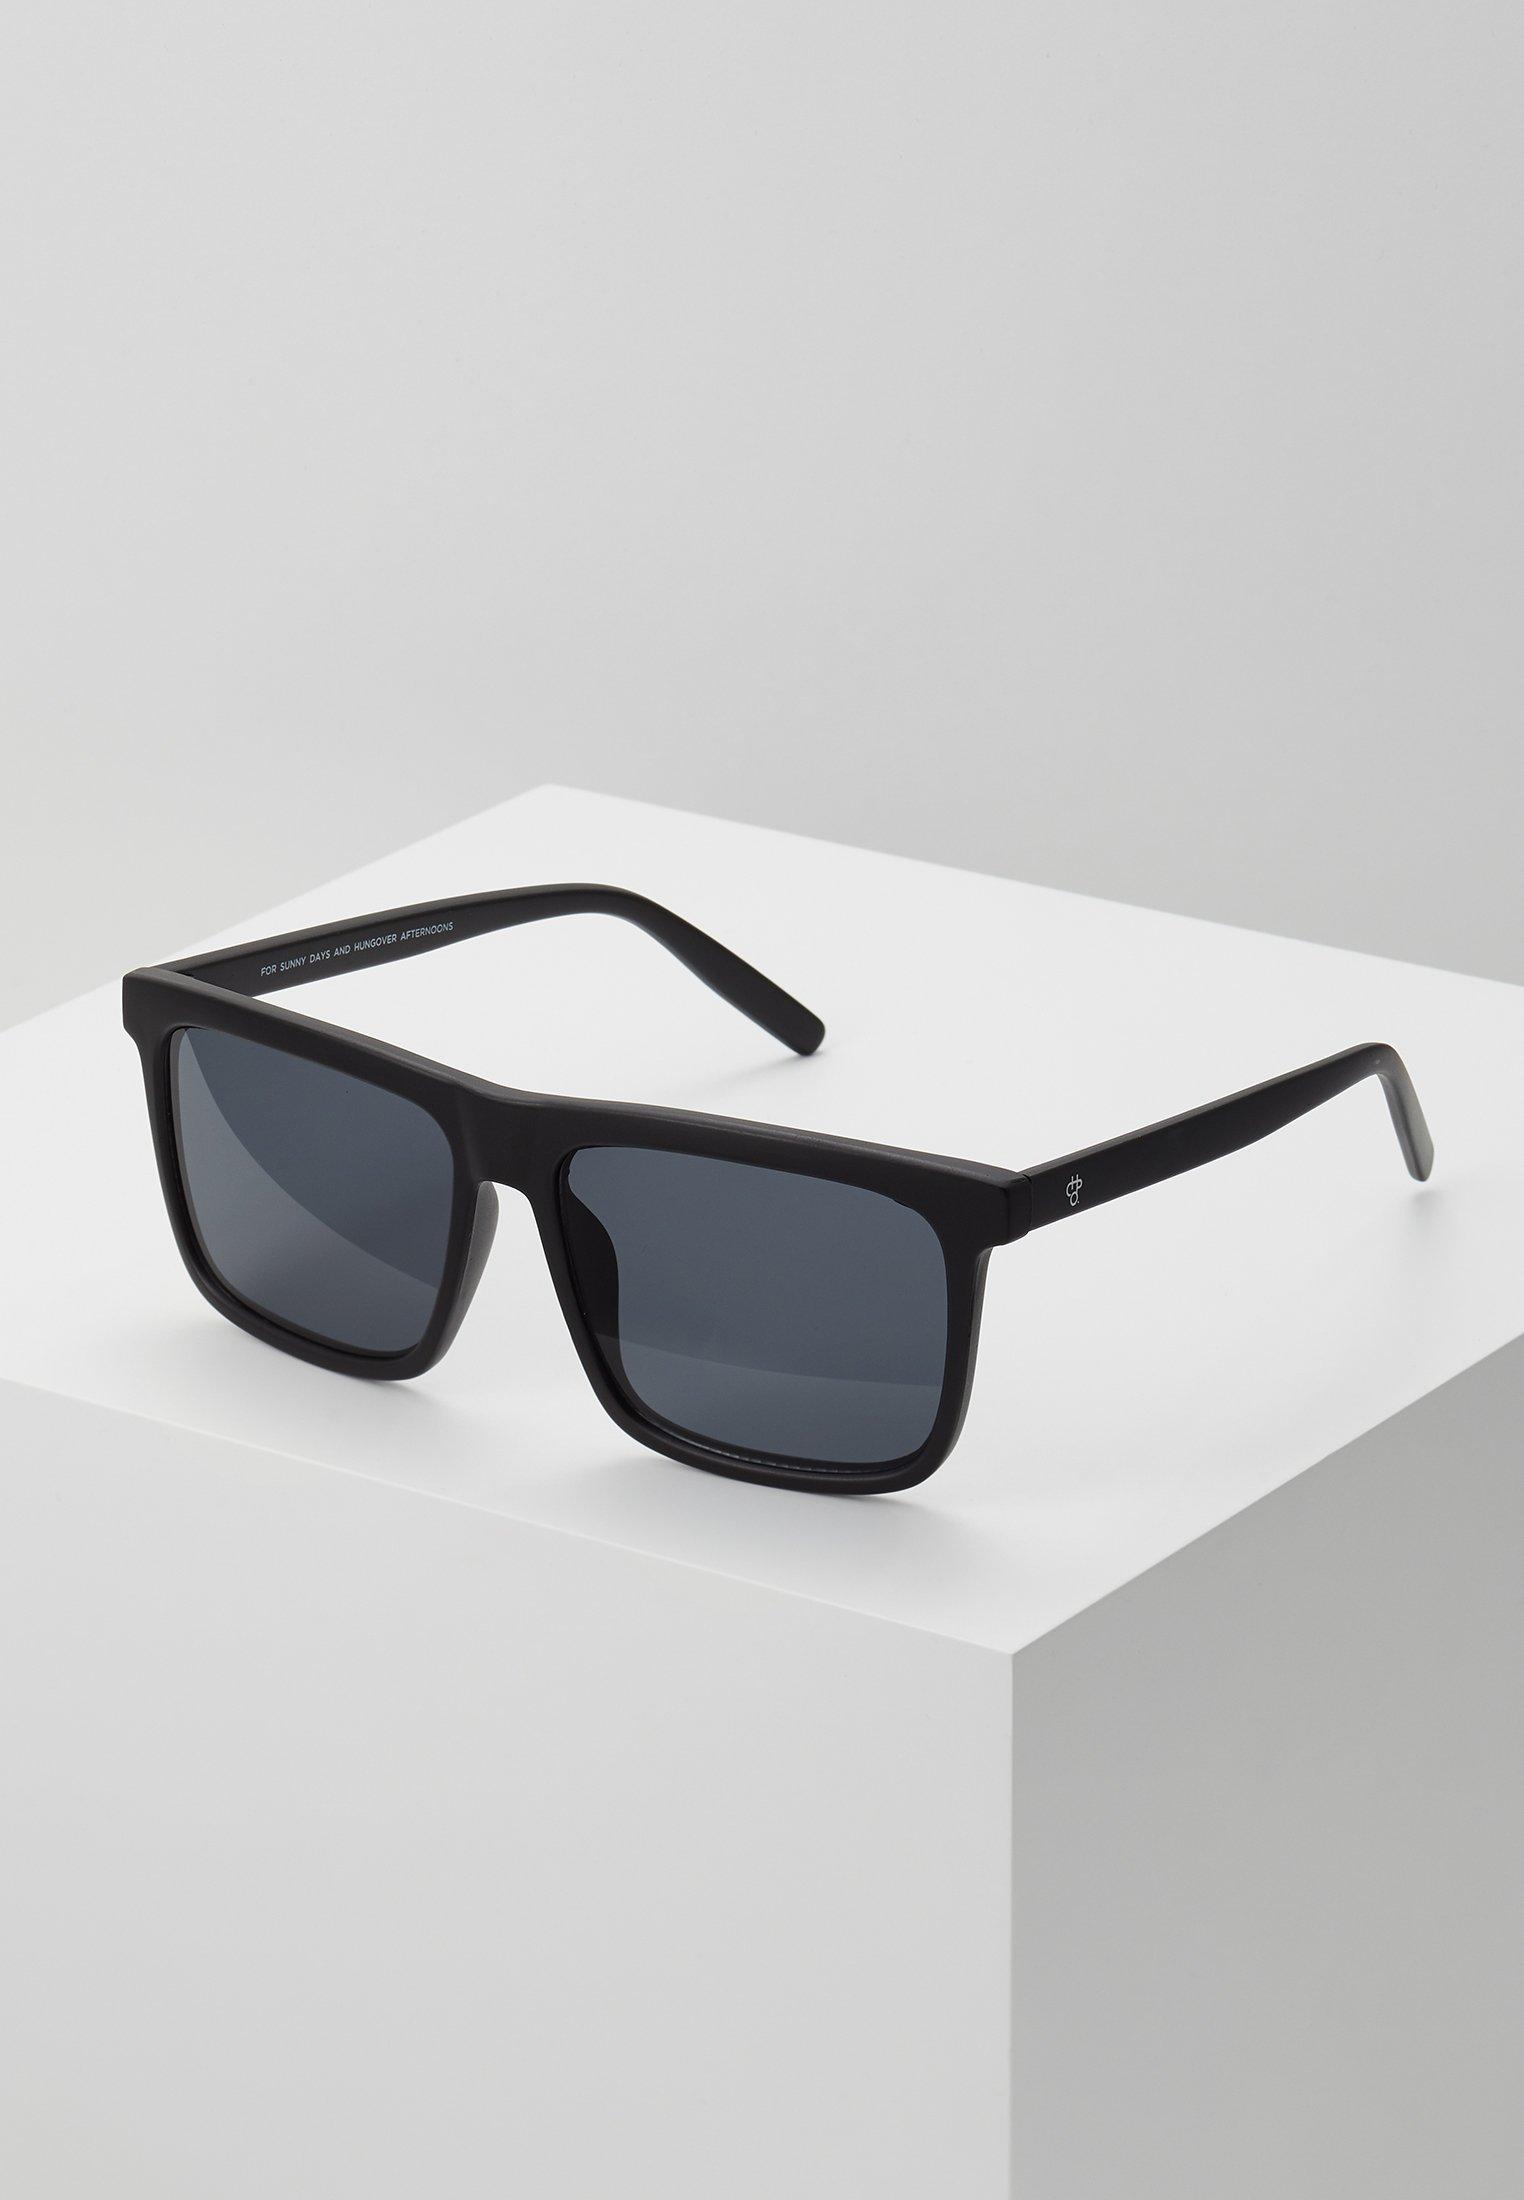 Hombre BRUCE - Gafas de sol - black